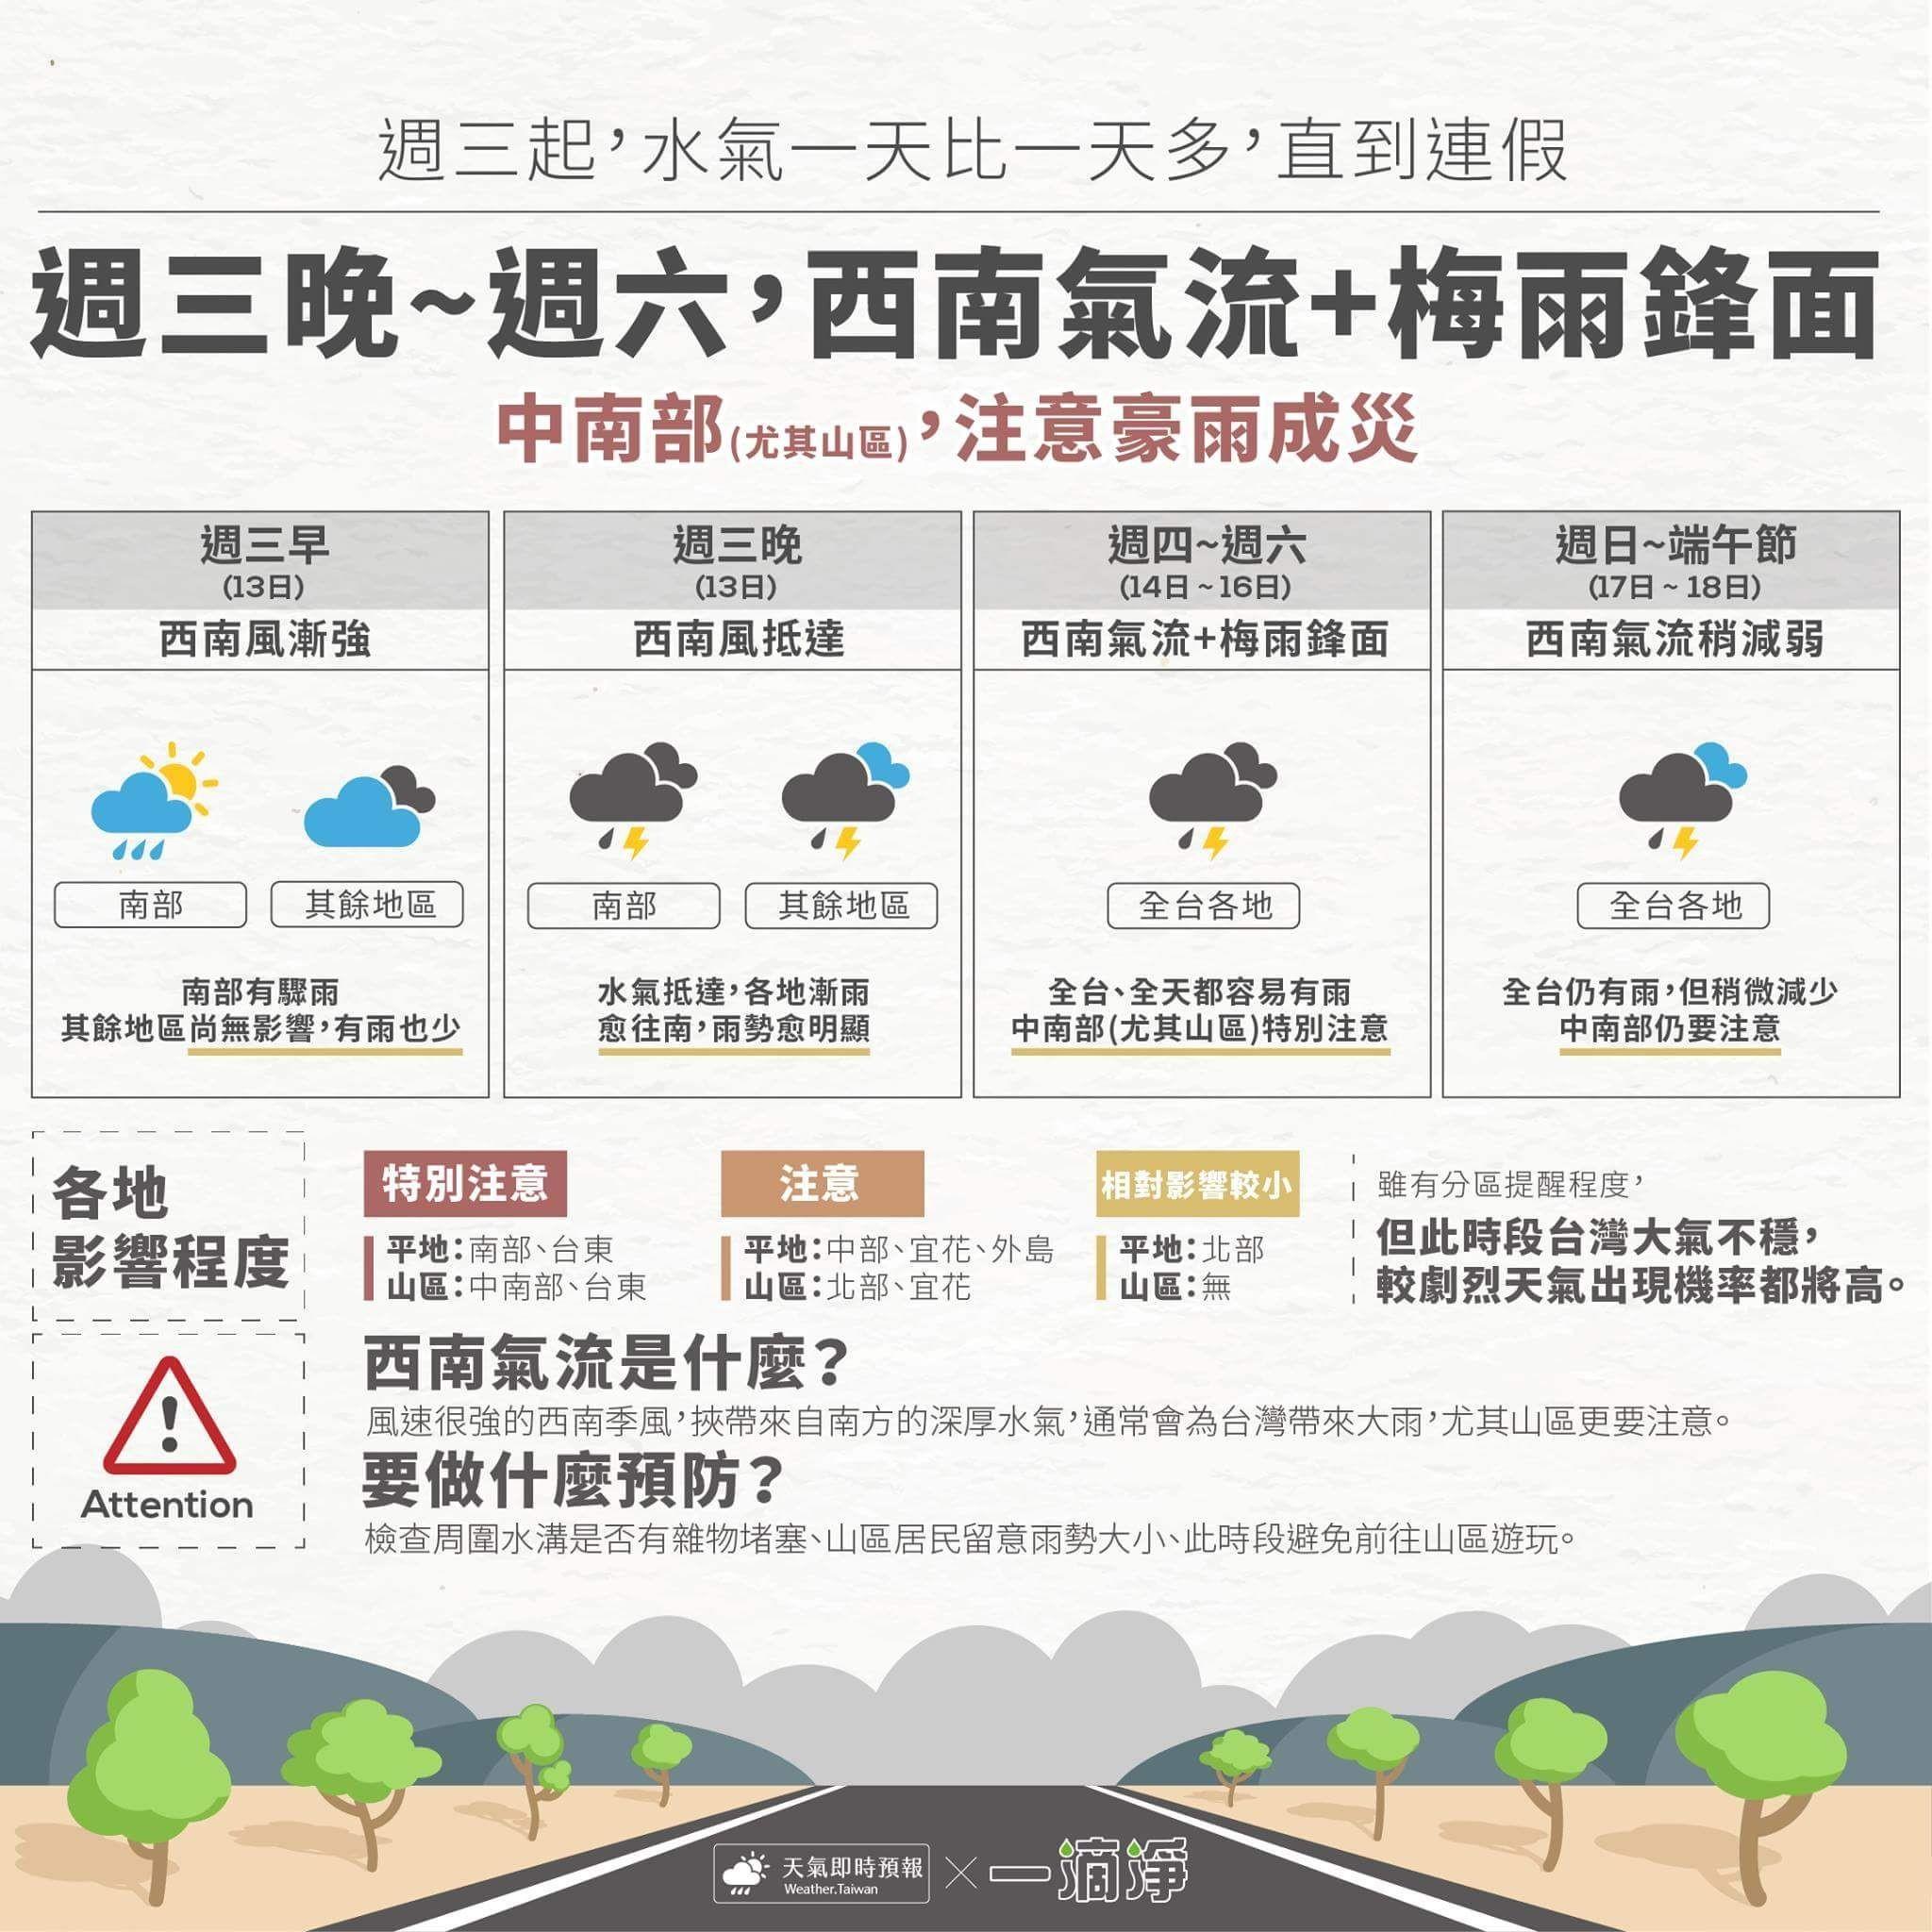 ▲西南氣流報到,全台轉為有雨的天氣形態。(圖/翻攝天氣即時預報臉書粉絲團)